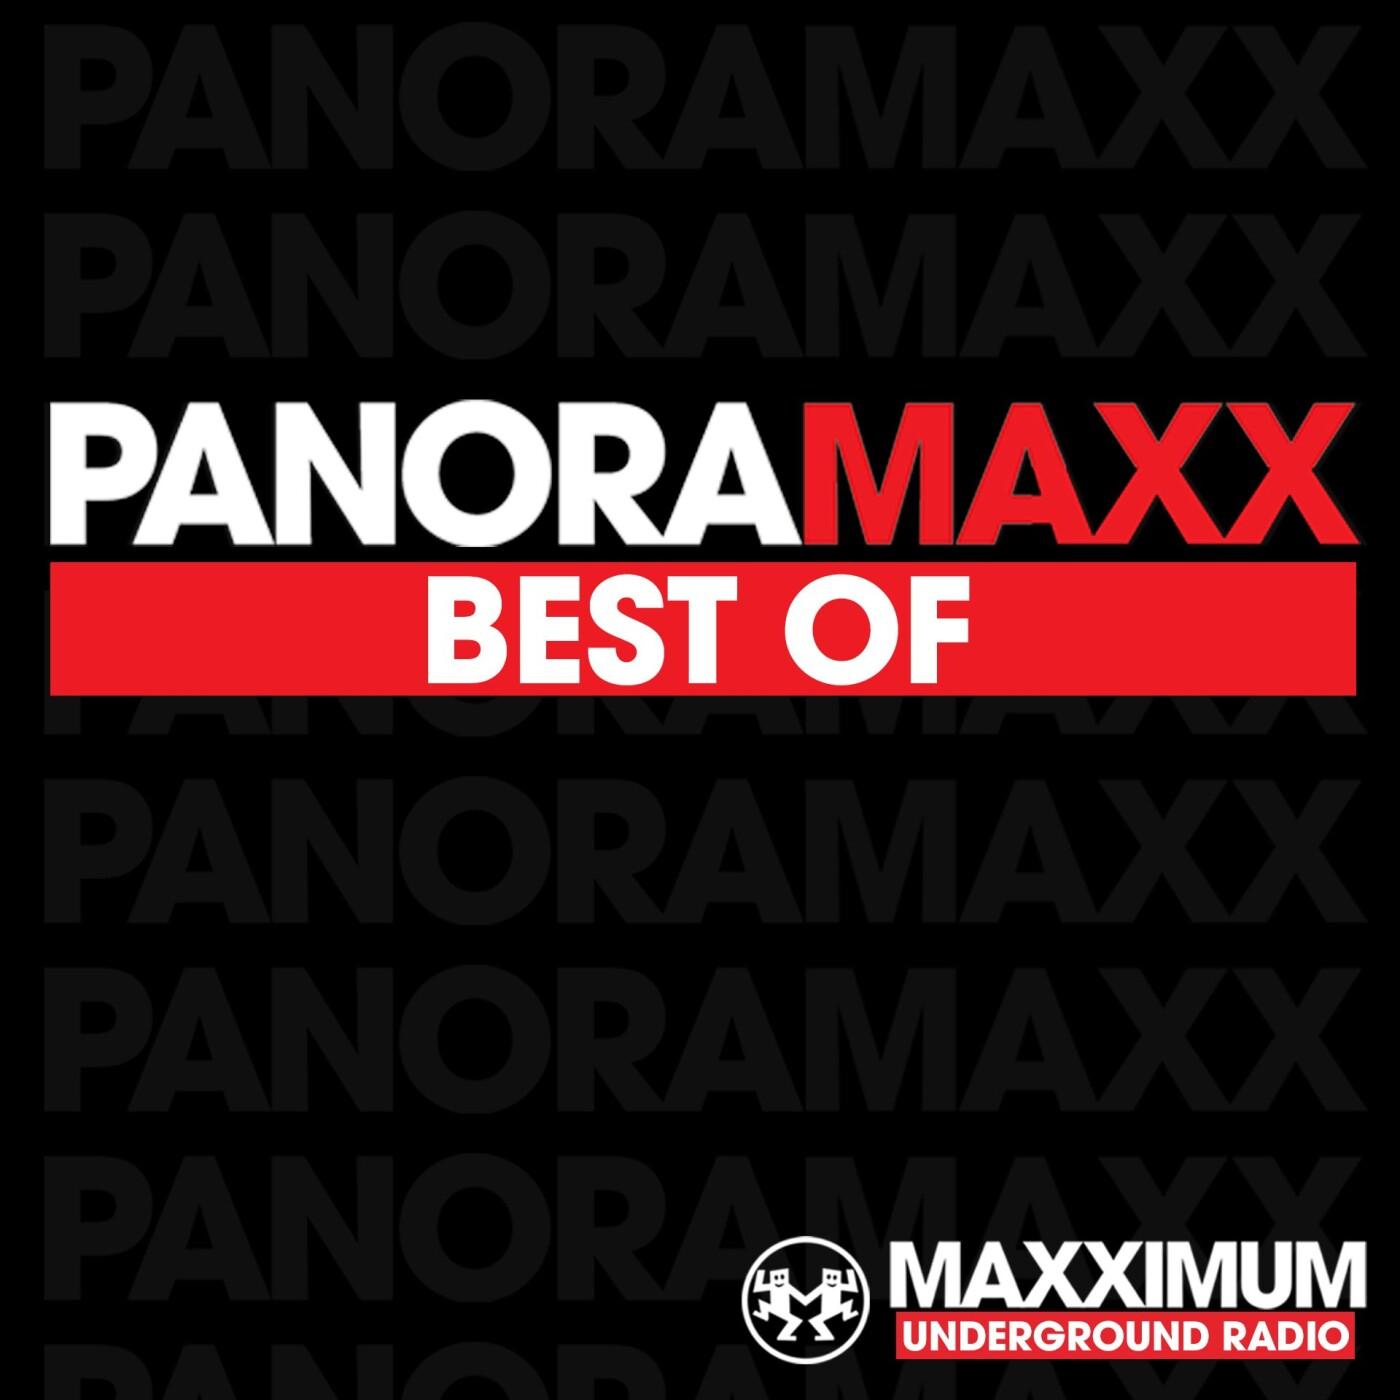 PANORAMAXX BEST OF : RAW MAIN